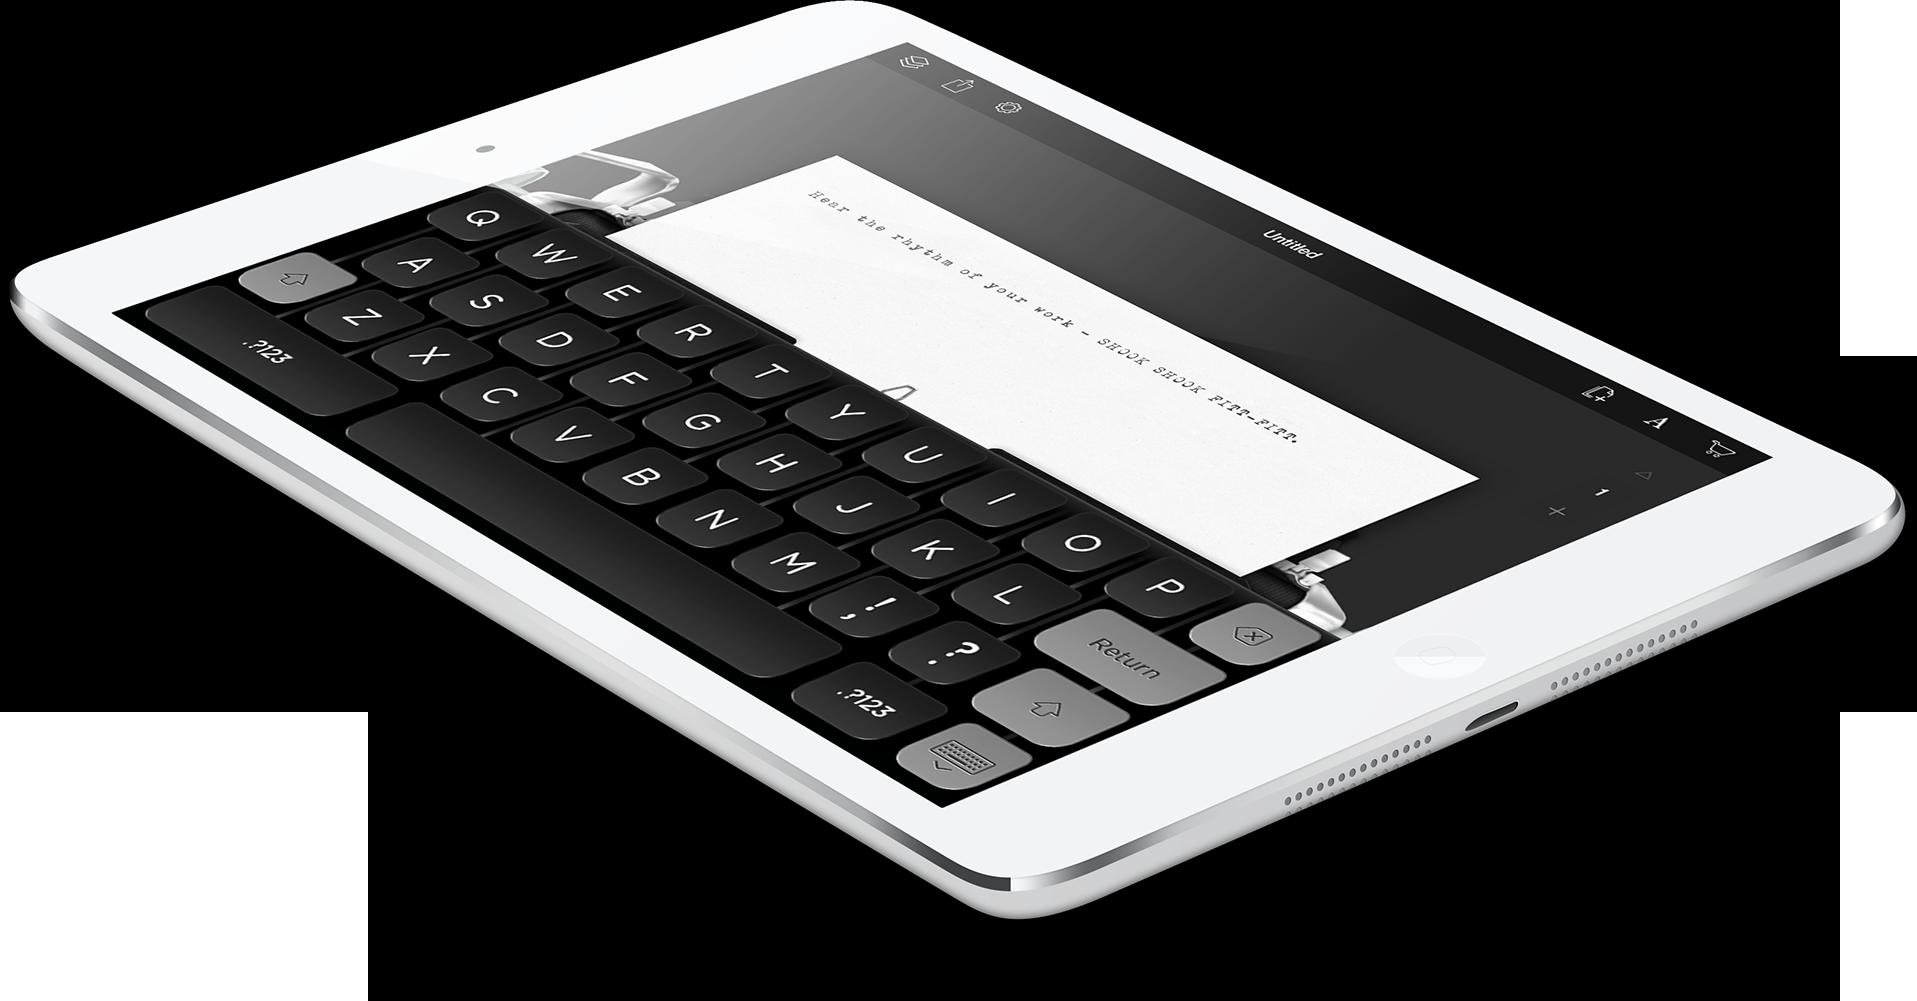 Tom Hanks e la macchina da scrivere per iPad